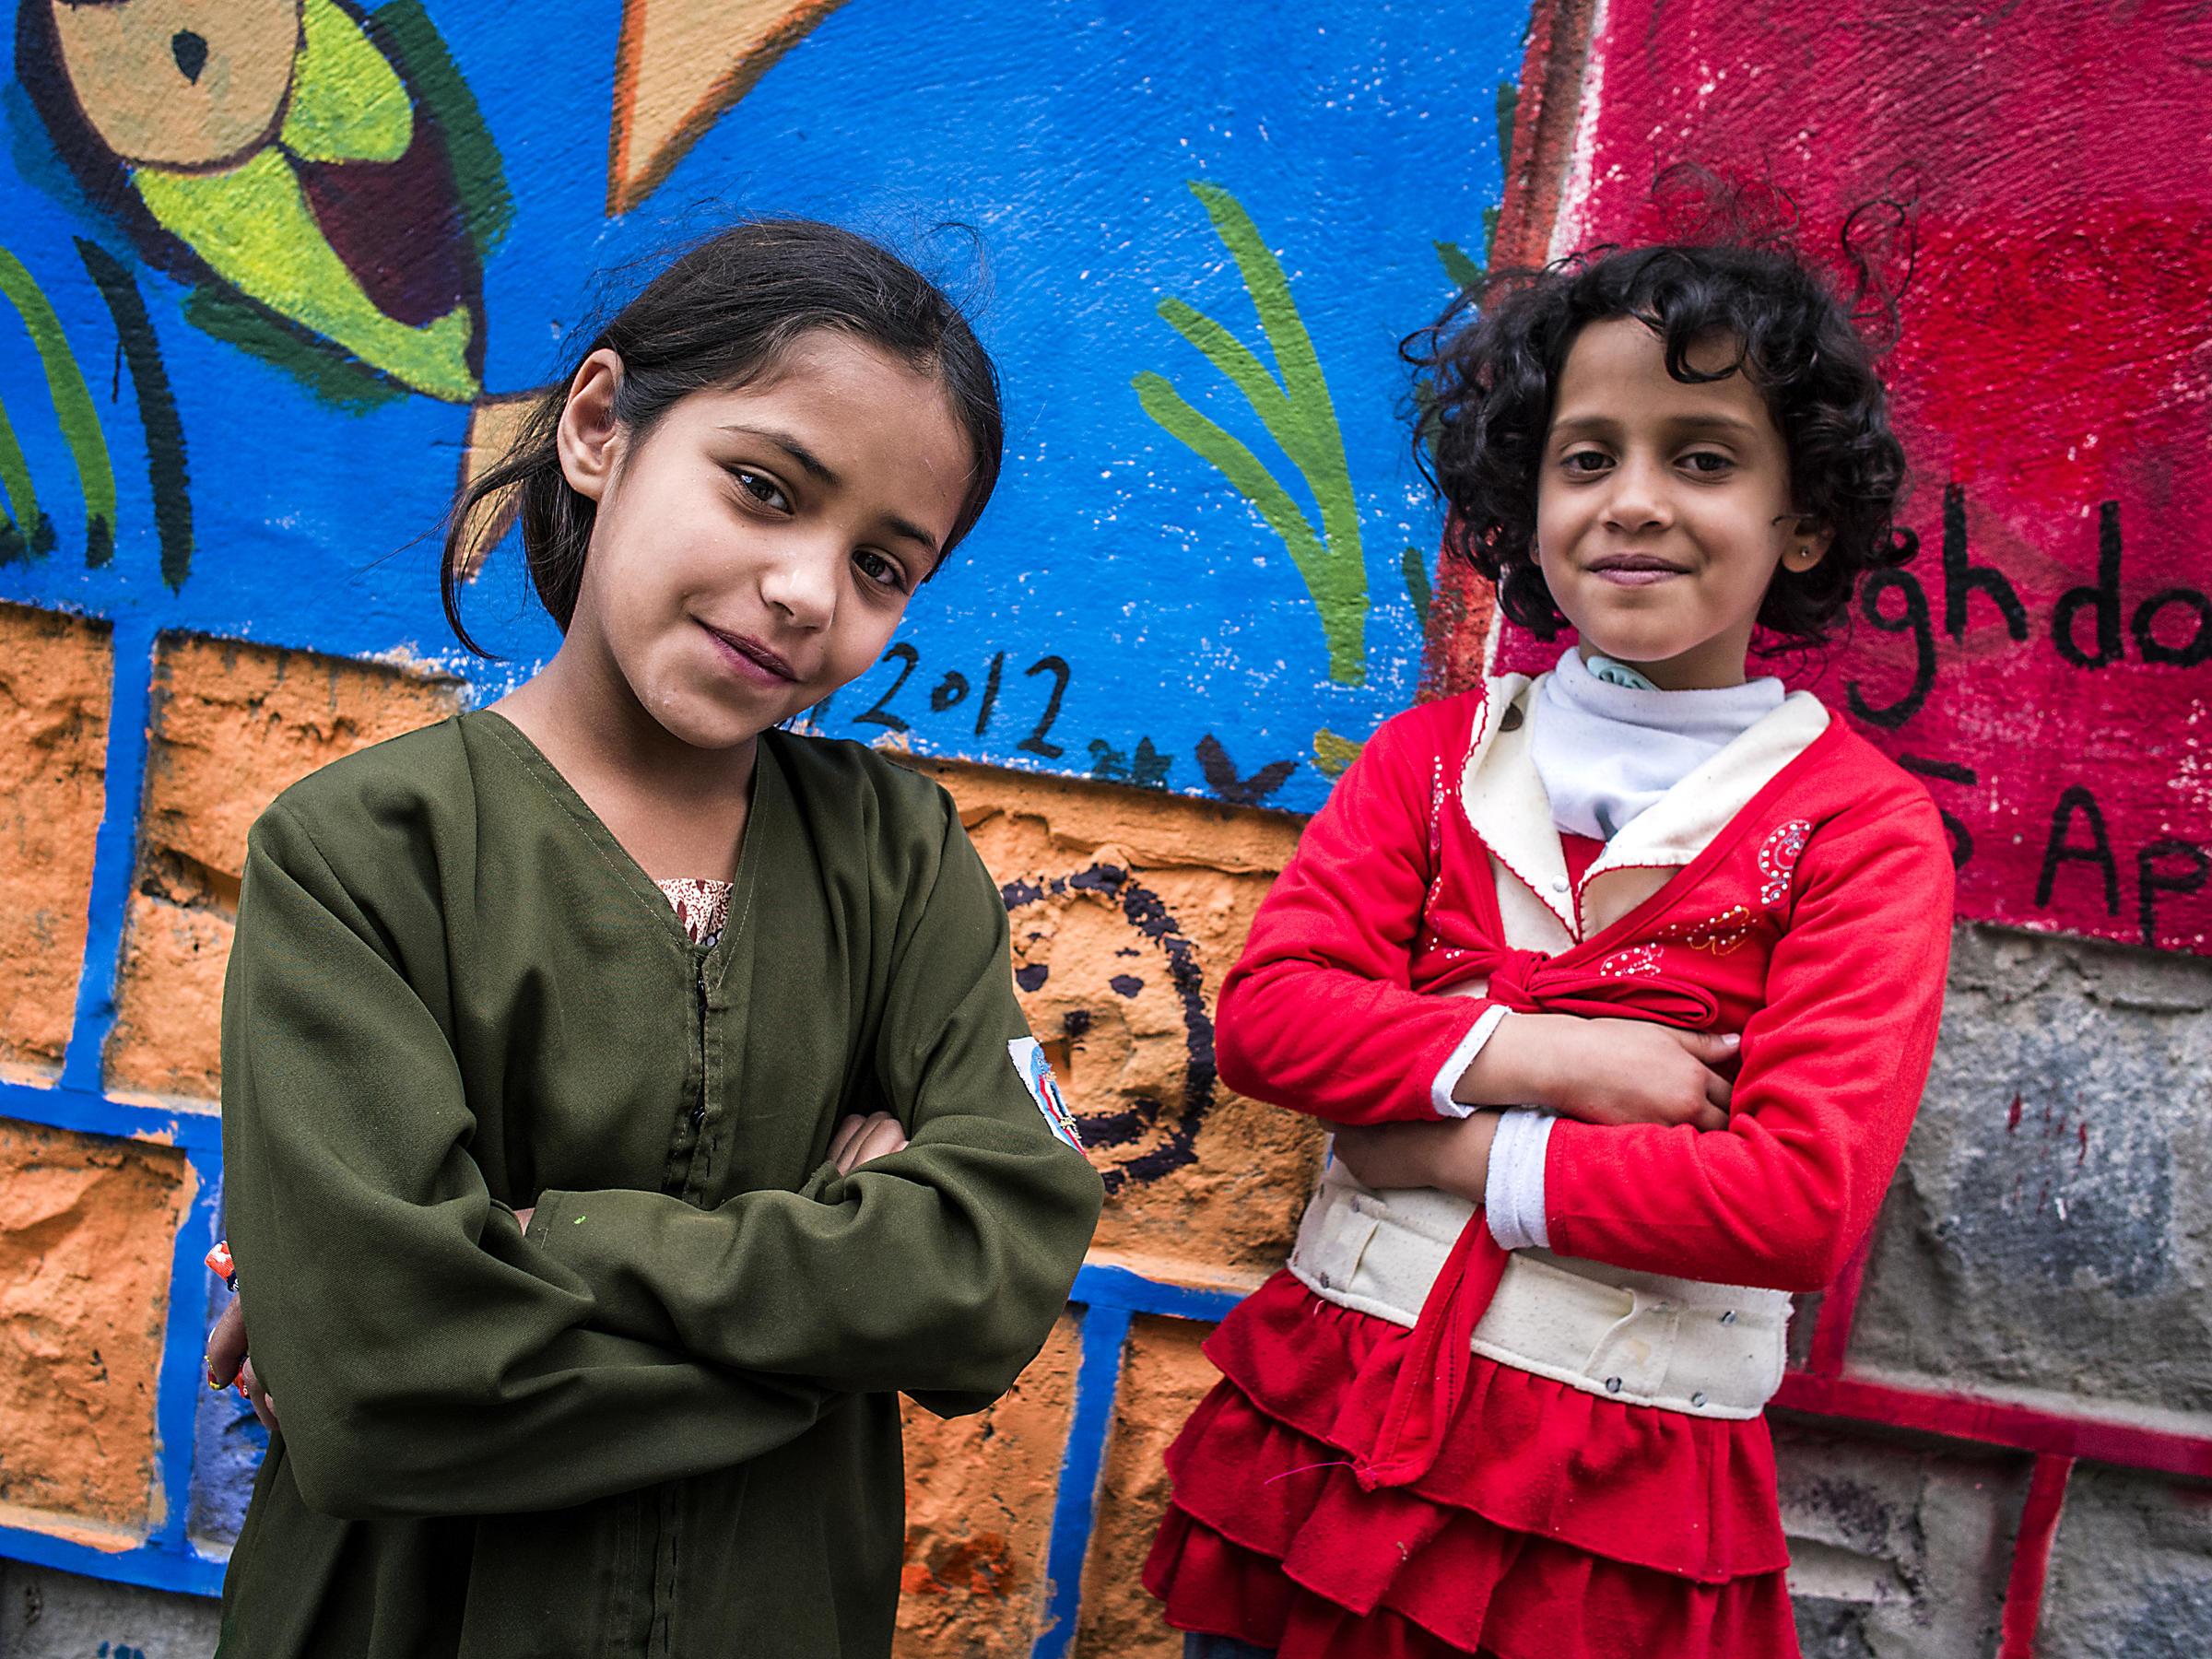 شاهد أبرز ثمان صور للصحفي الأمريكي لوك سومرز أثناء تواجده في اليمن